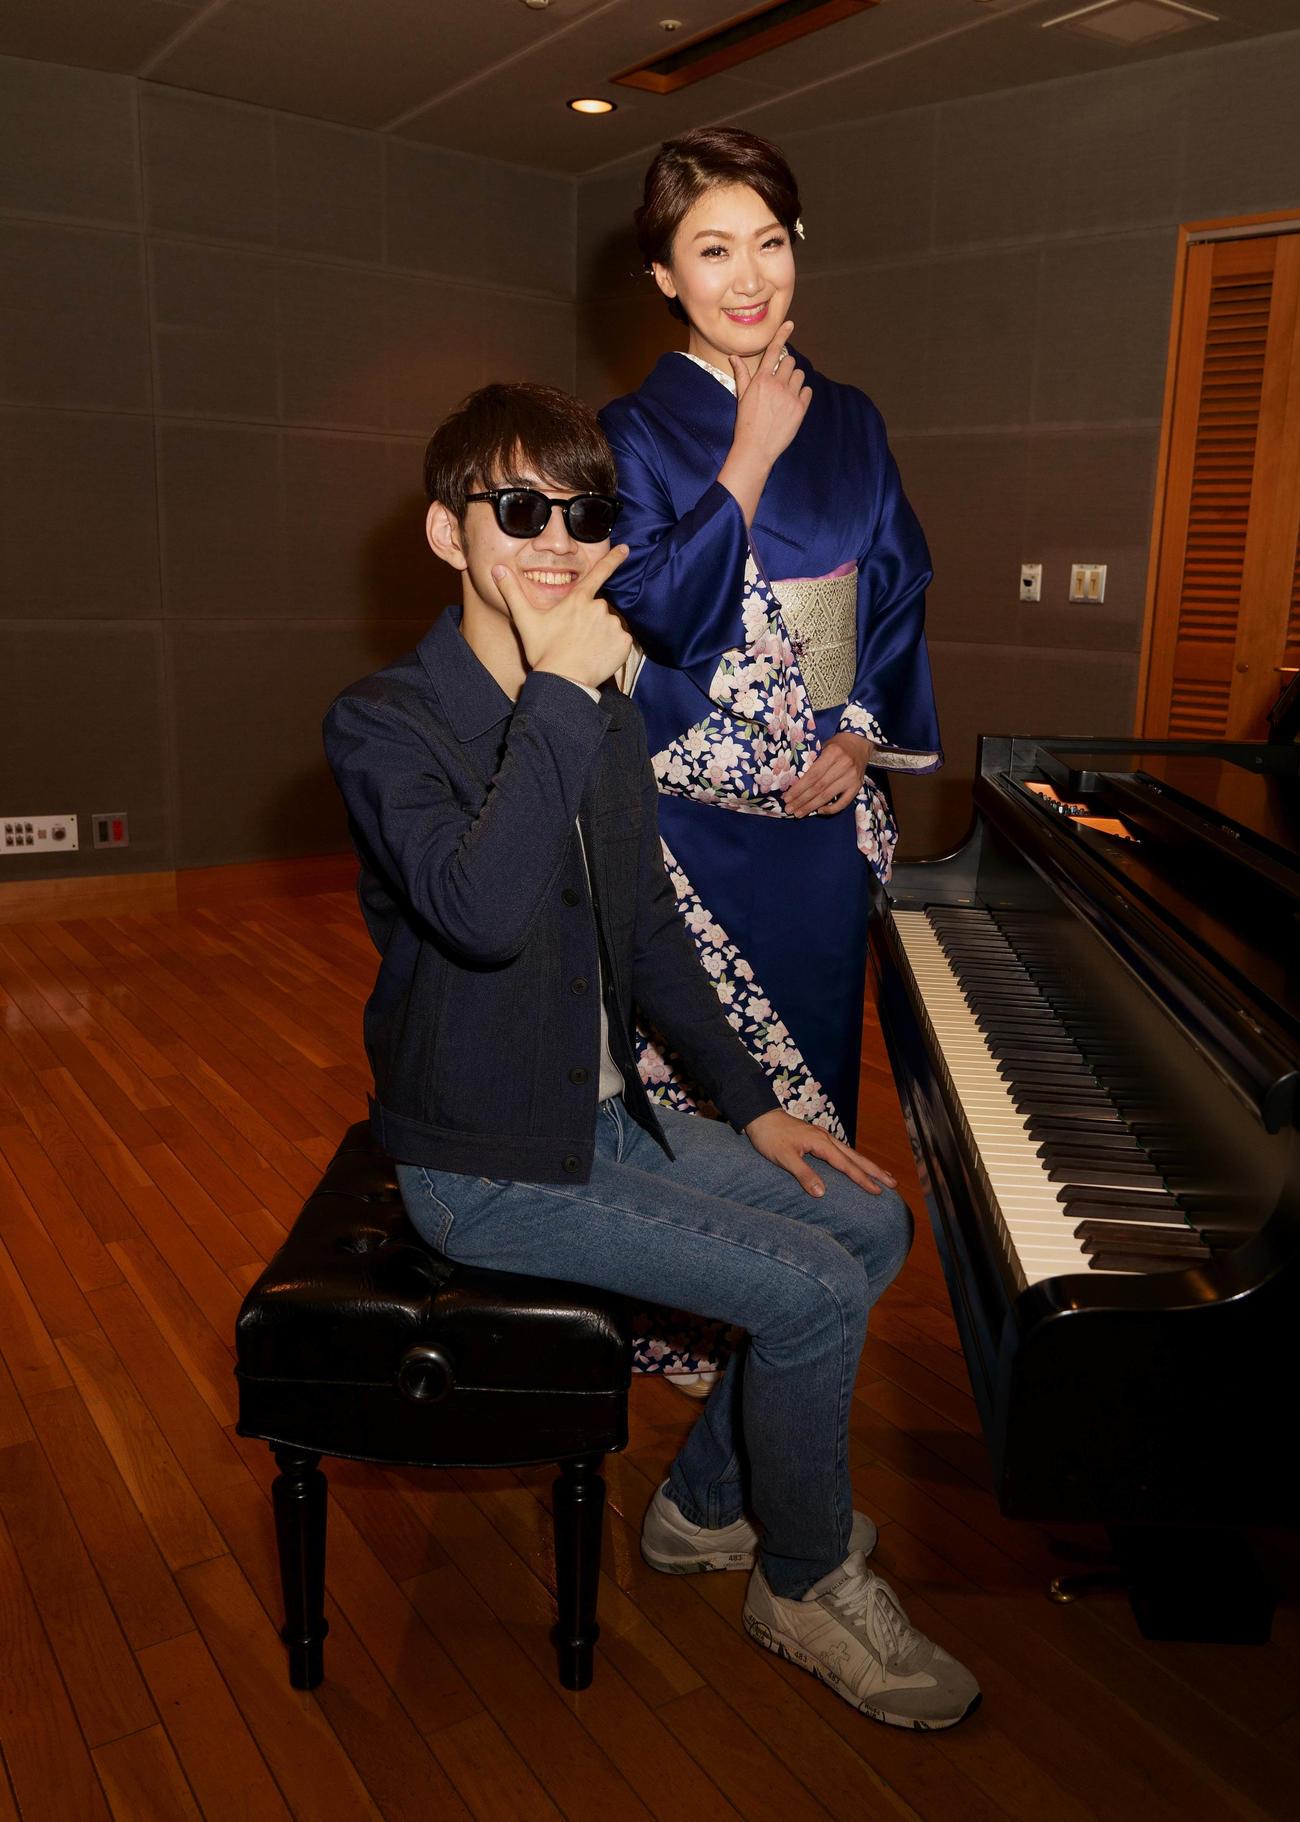 人気ピアノユーチューバーよみぃ(左)と初コラボした市川由紀乃